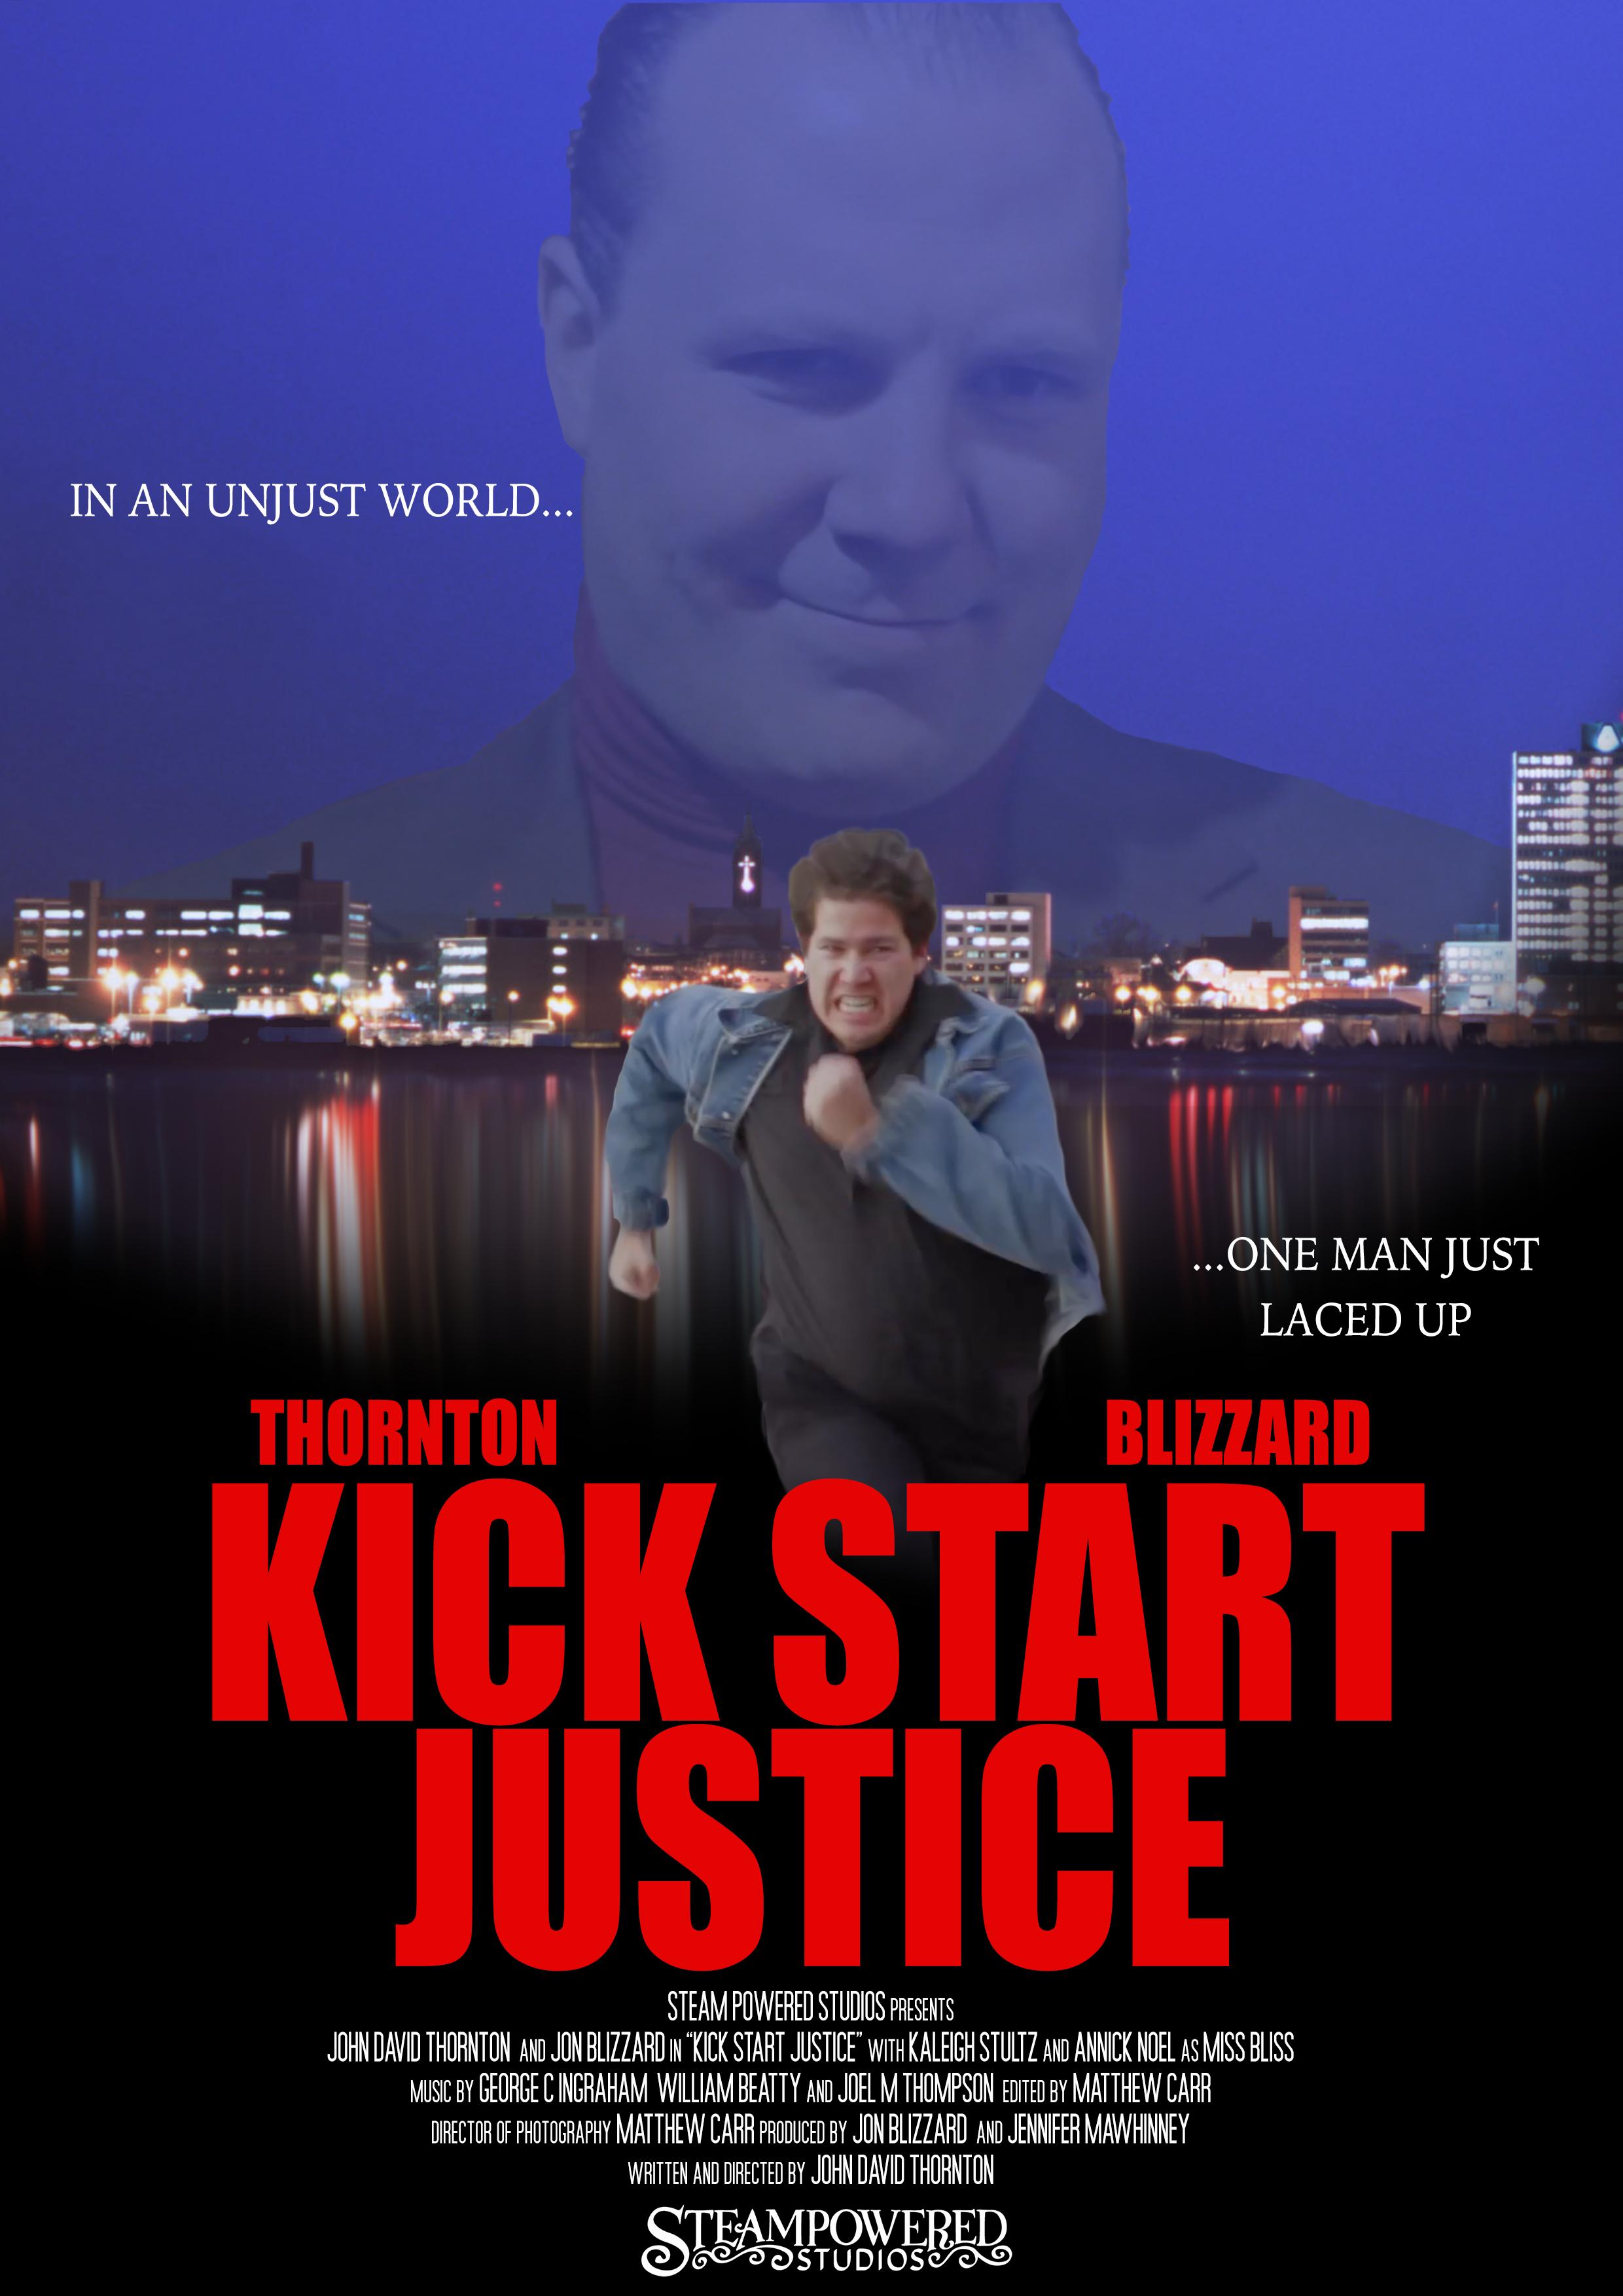 KICK START JUSTICE, 2013 - Short Film